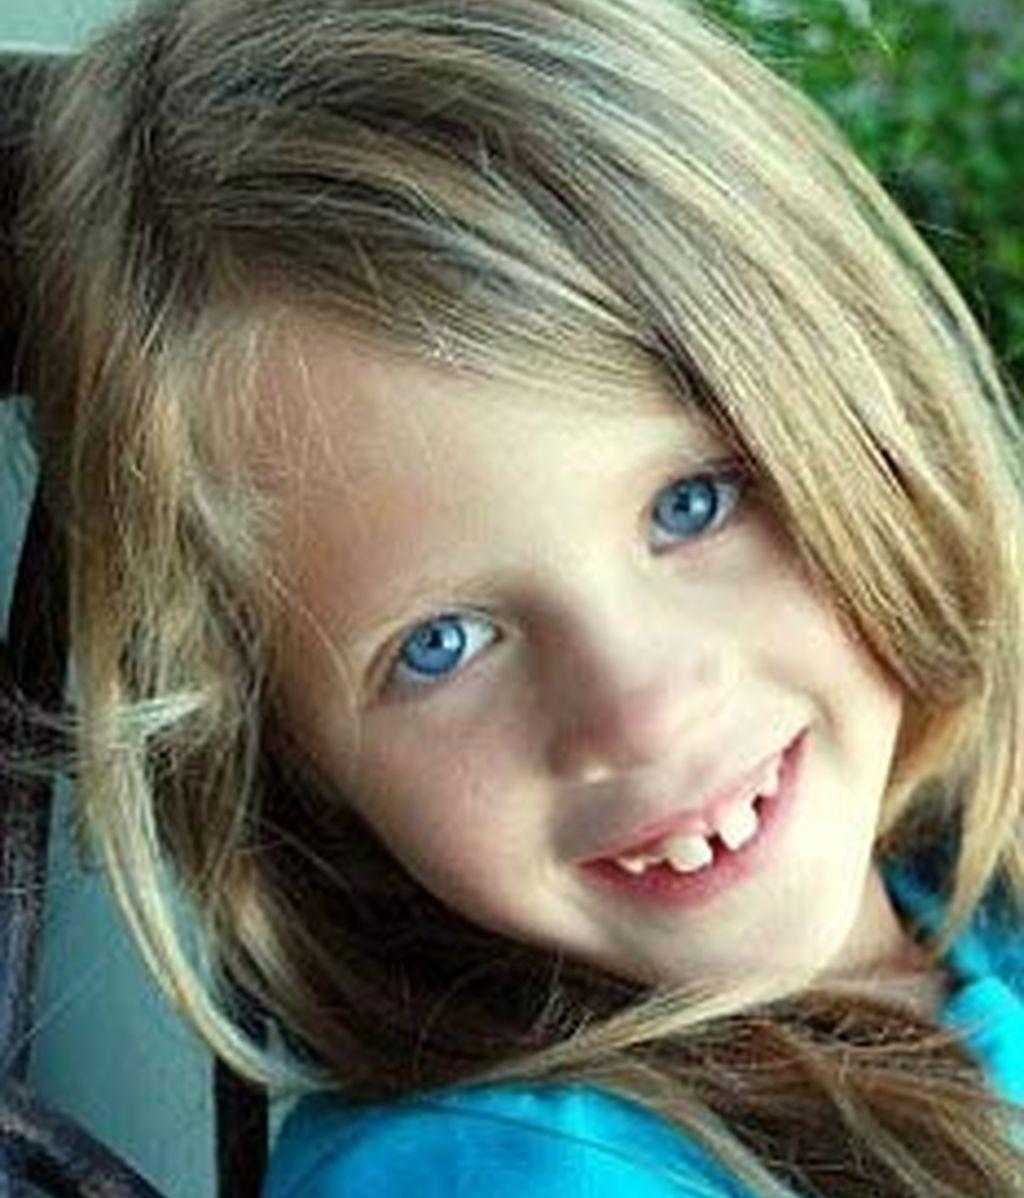 La pequeña Samantha, de seis años. Foto: Daily Mail